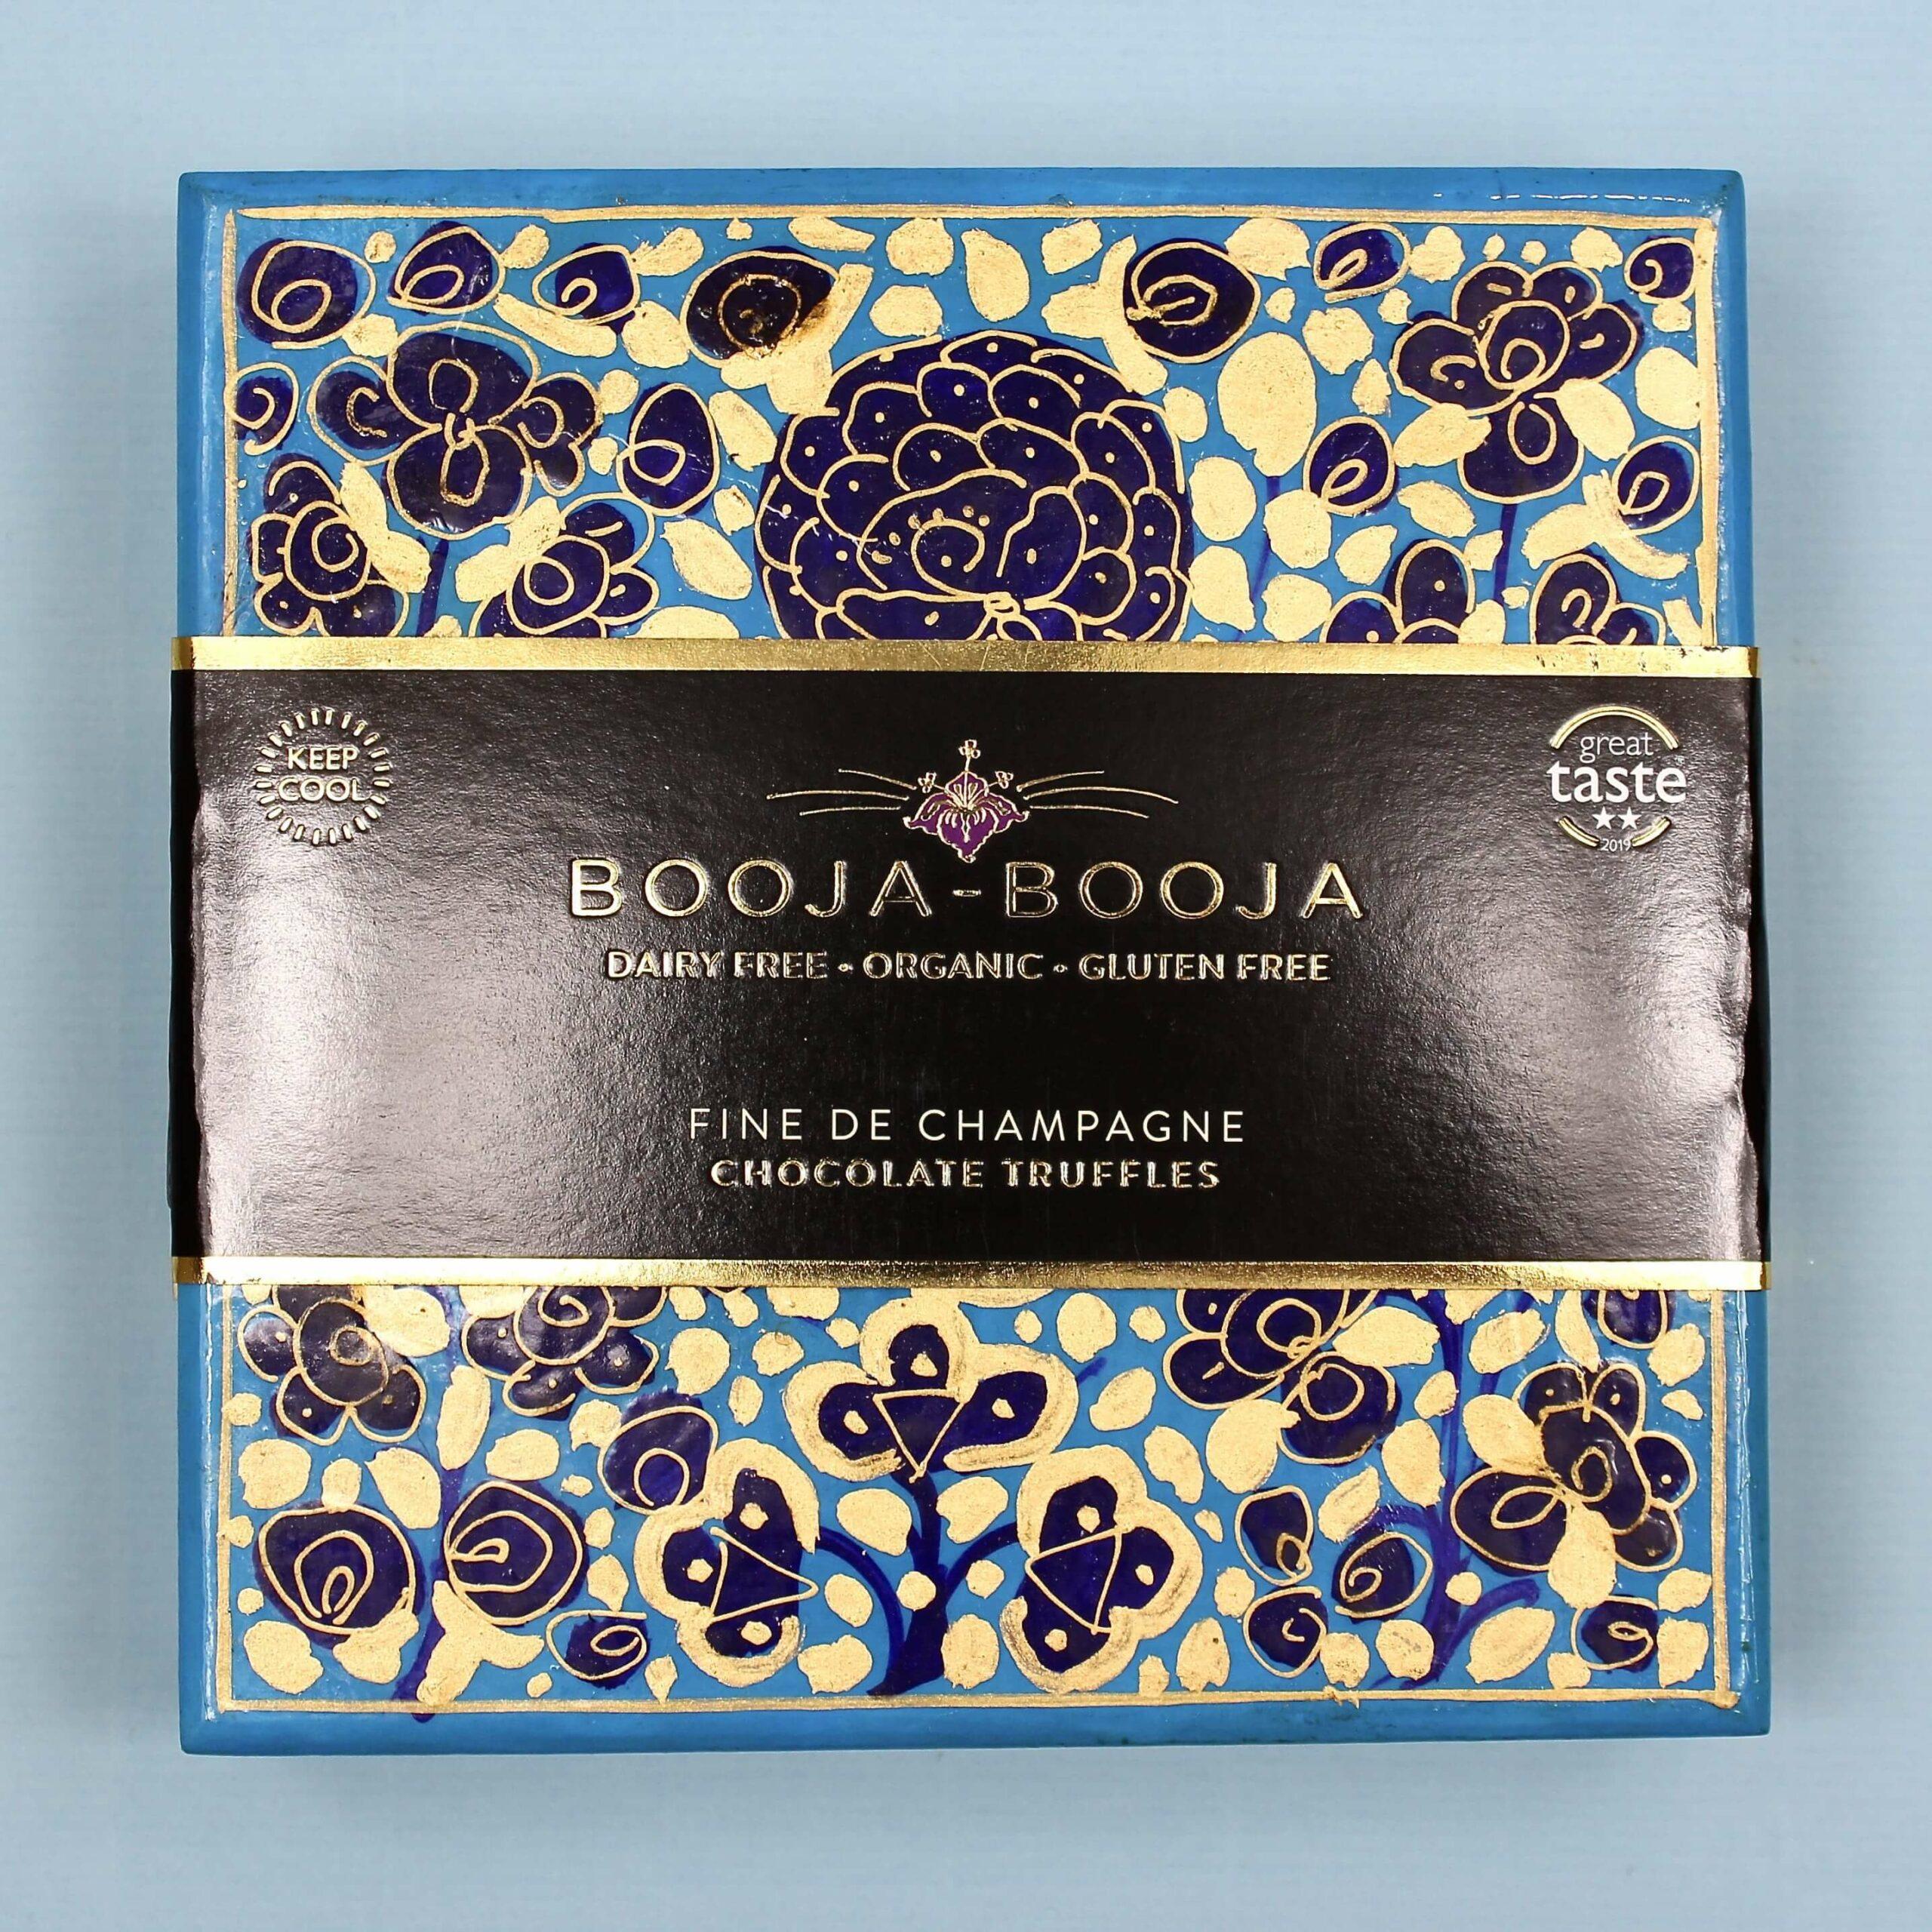 booja booja fine de champagne chocolate truffles artist collection